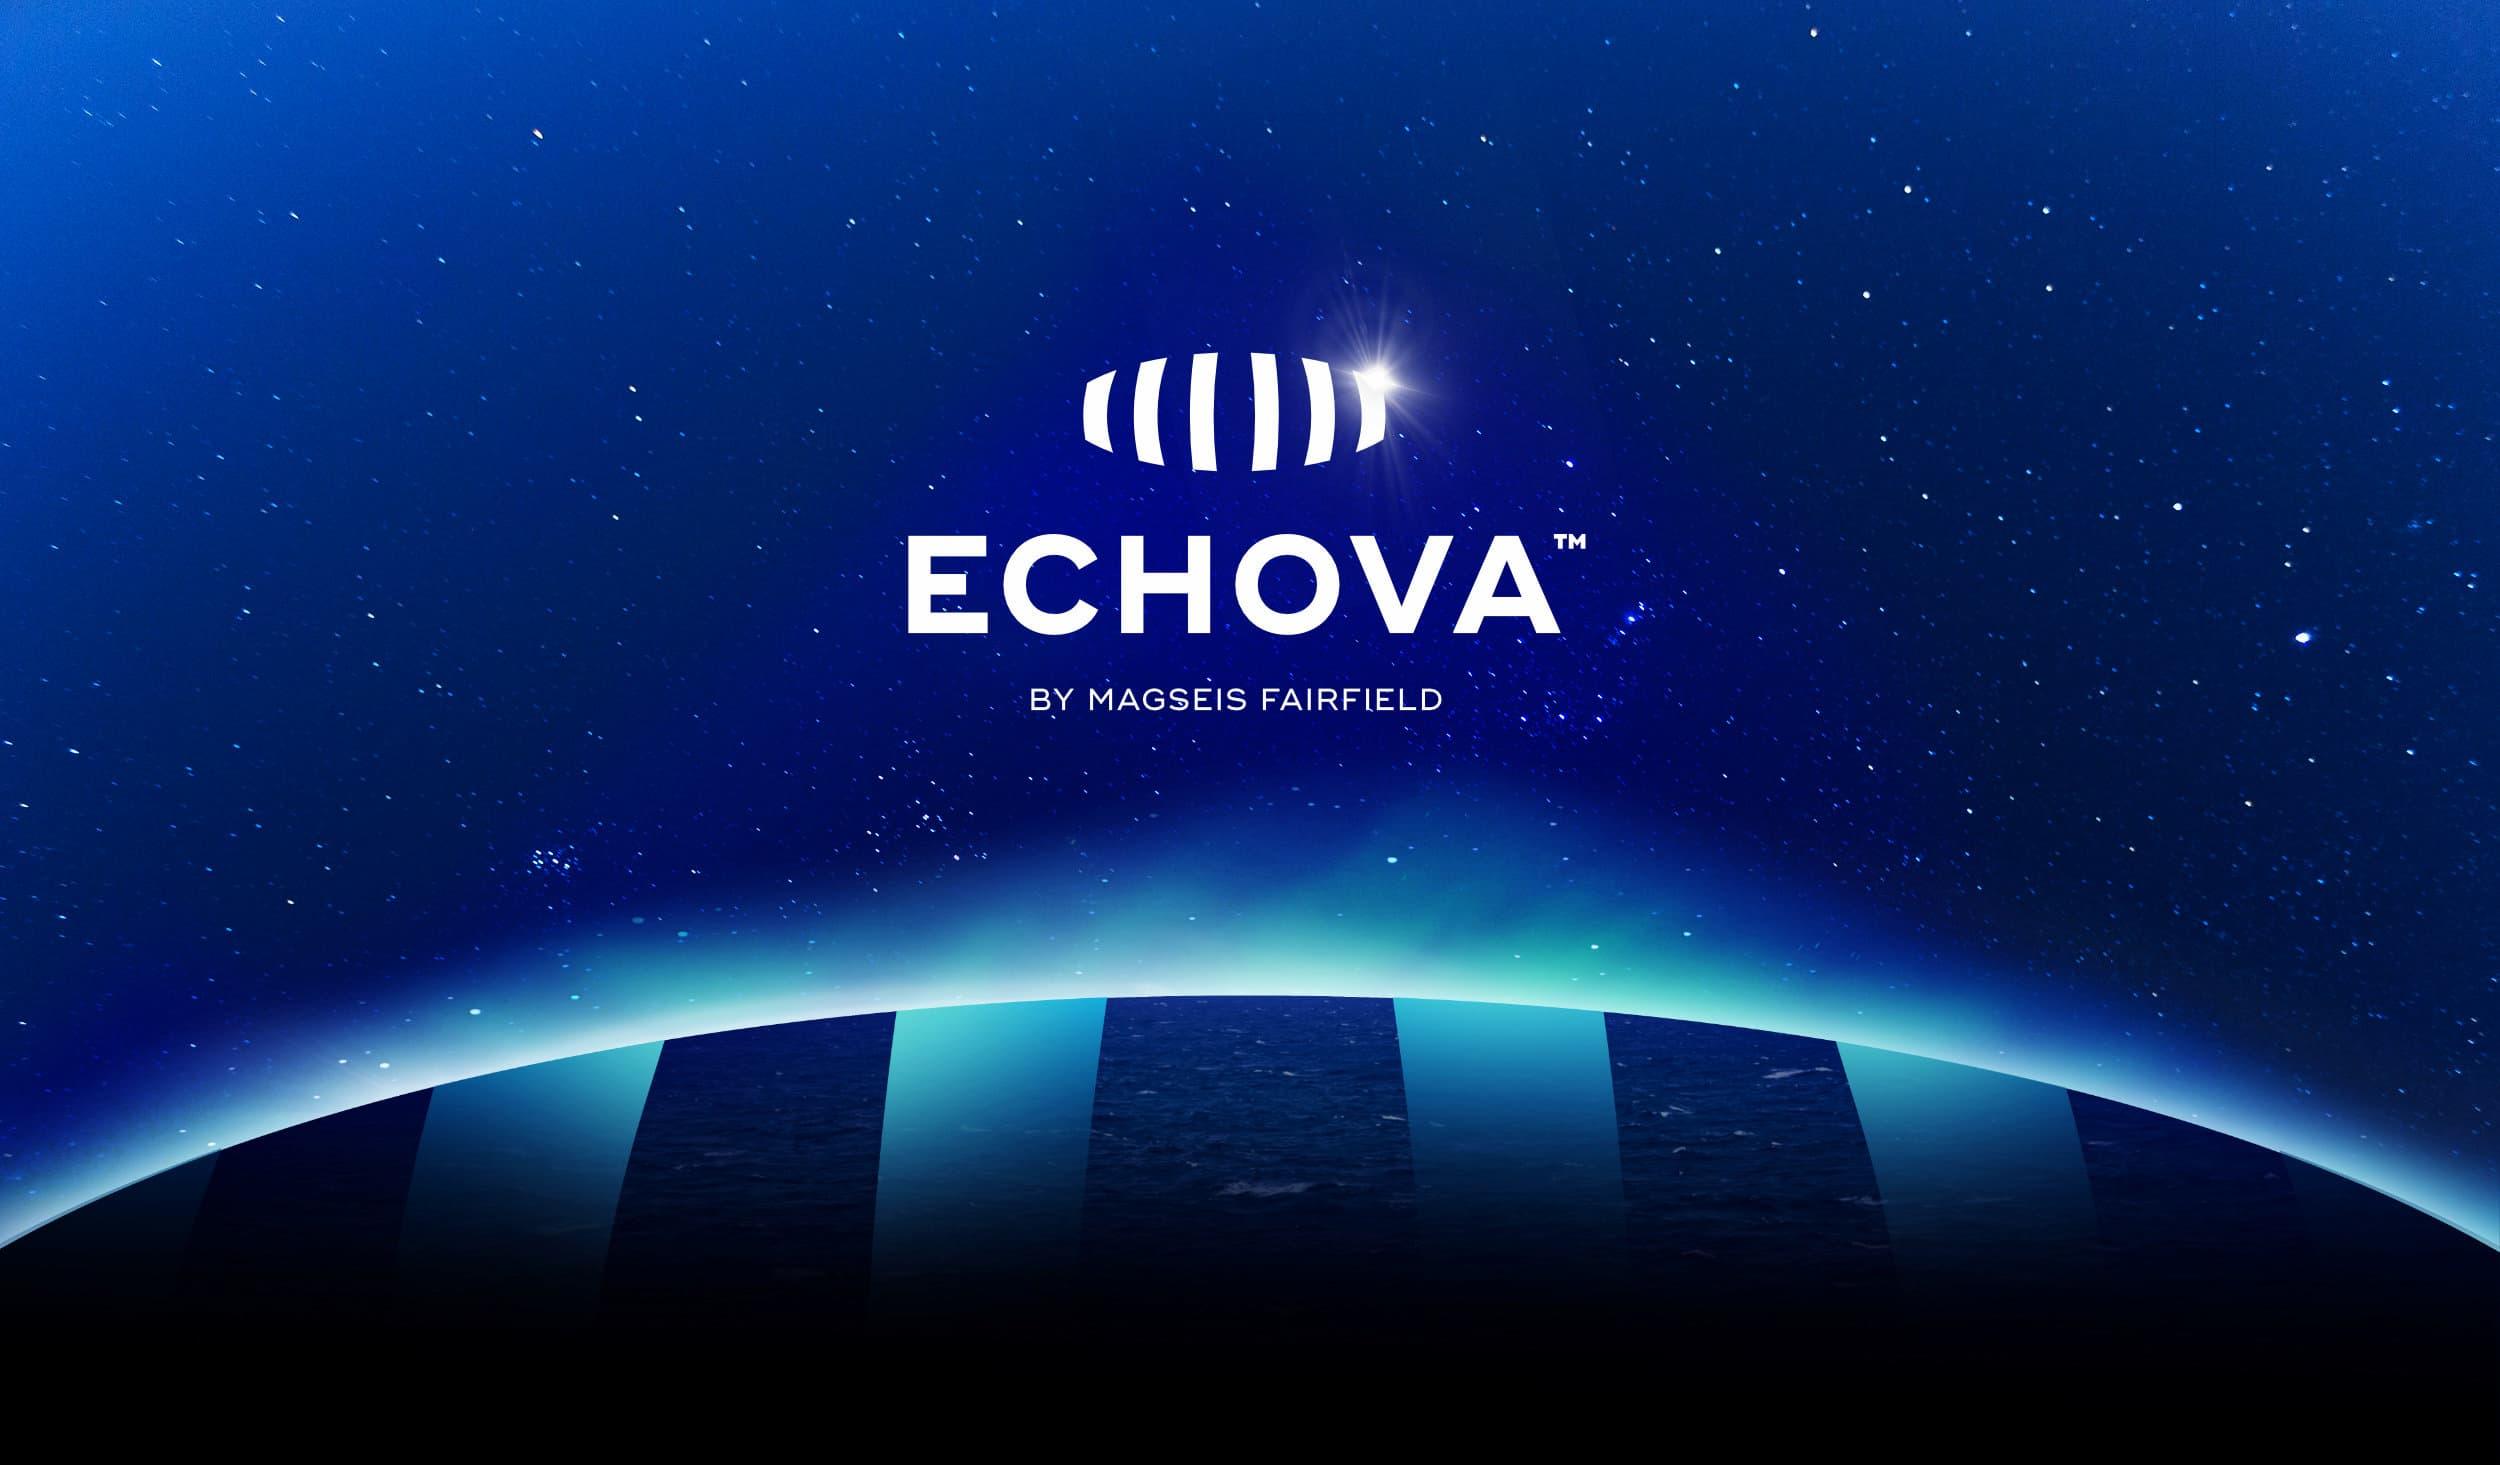 Bilde fra lansering som viser den nye stjernen. Echova.